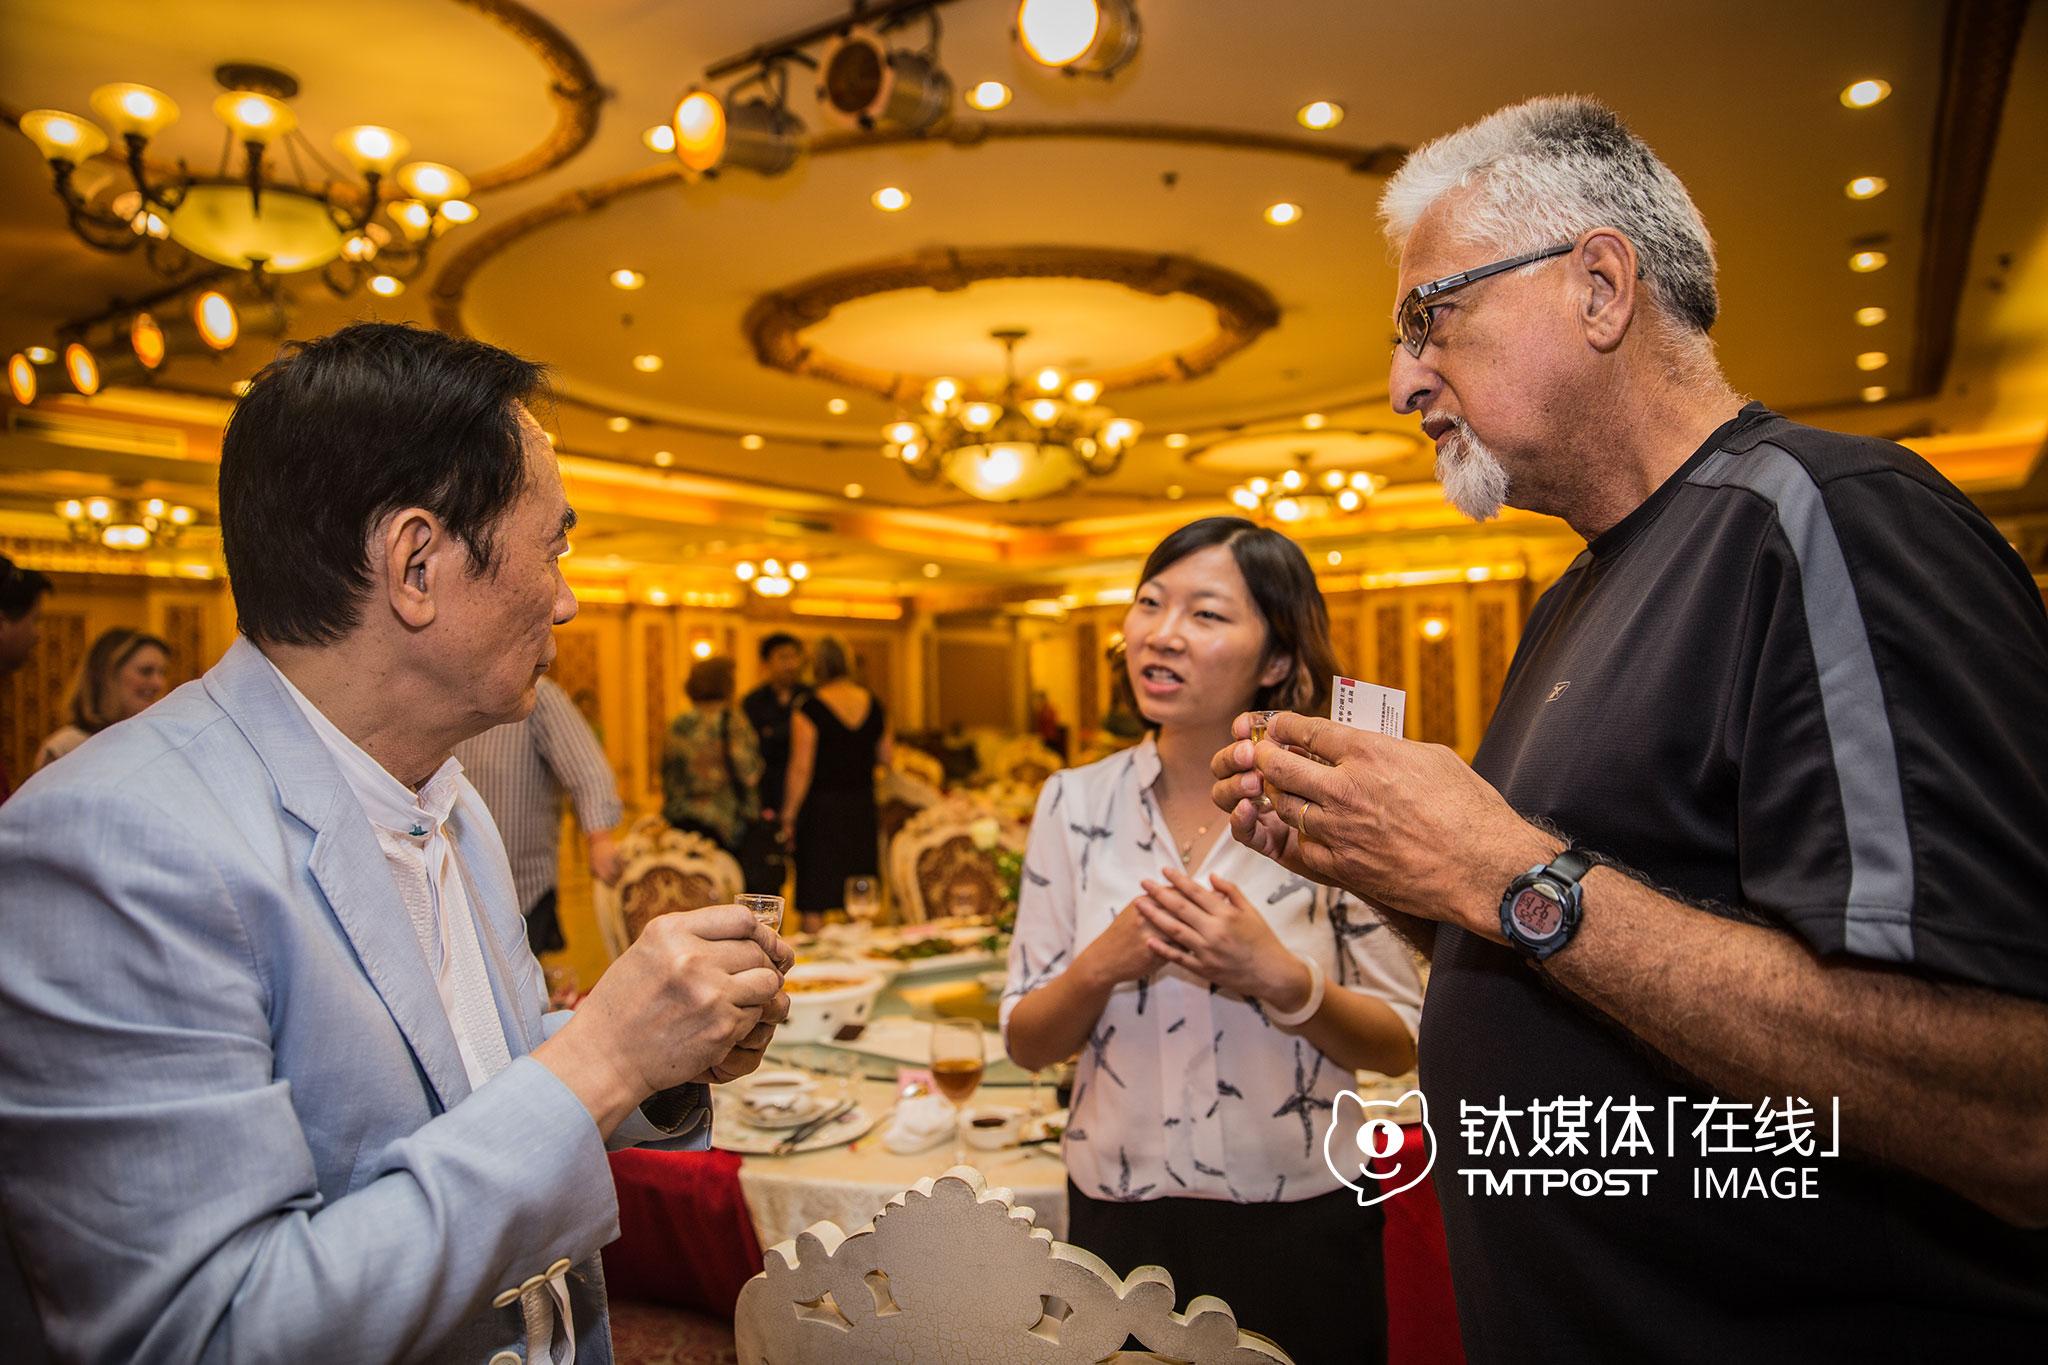 """5月24日晚,重庆渝北区,当地一名投资人宴请硅谷市长代表团。在说了一番非常热烈的""""中国梦""""祝酒词之后,他和前来碰杯的半月湾市市长Rick Kowalczyk抱成一团,之后瑞趣芒德市副市长Eduardo Martinez也端着杯子过来敬酒,双方互相鞠躬之后才喝了下去。"""